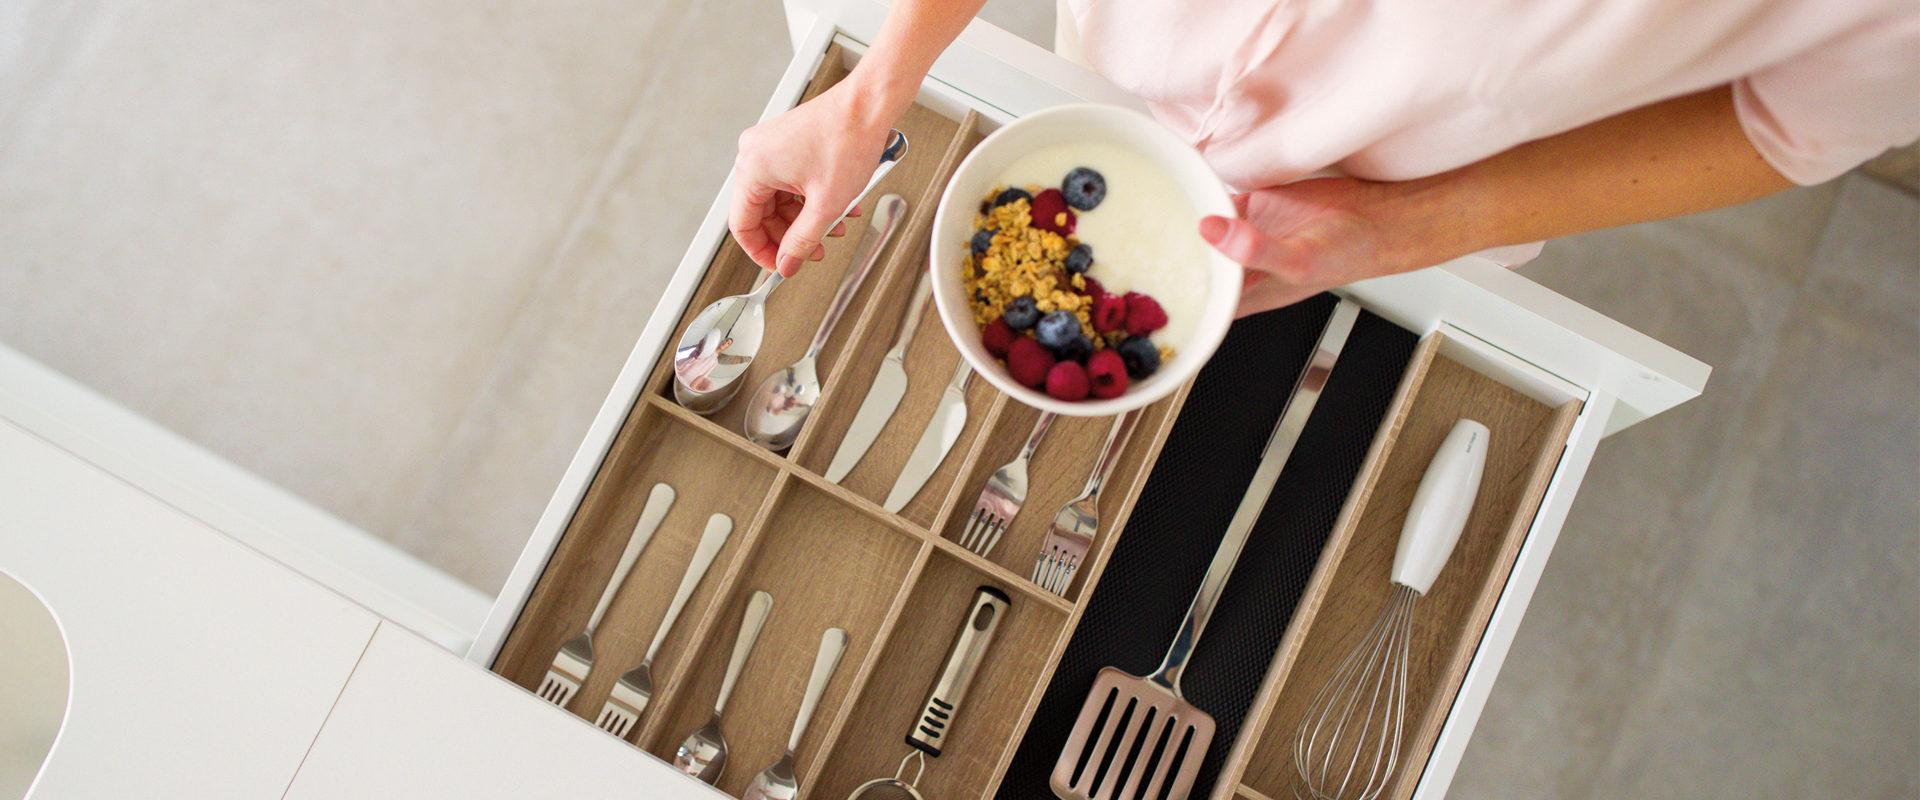 Hoogwaardige lade-indelingen voor je keuken #keuken #keukenidee #opbergen #ladeindeling #afvallade #besteklade #orgalux